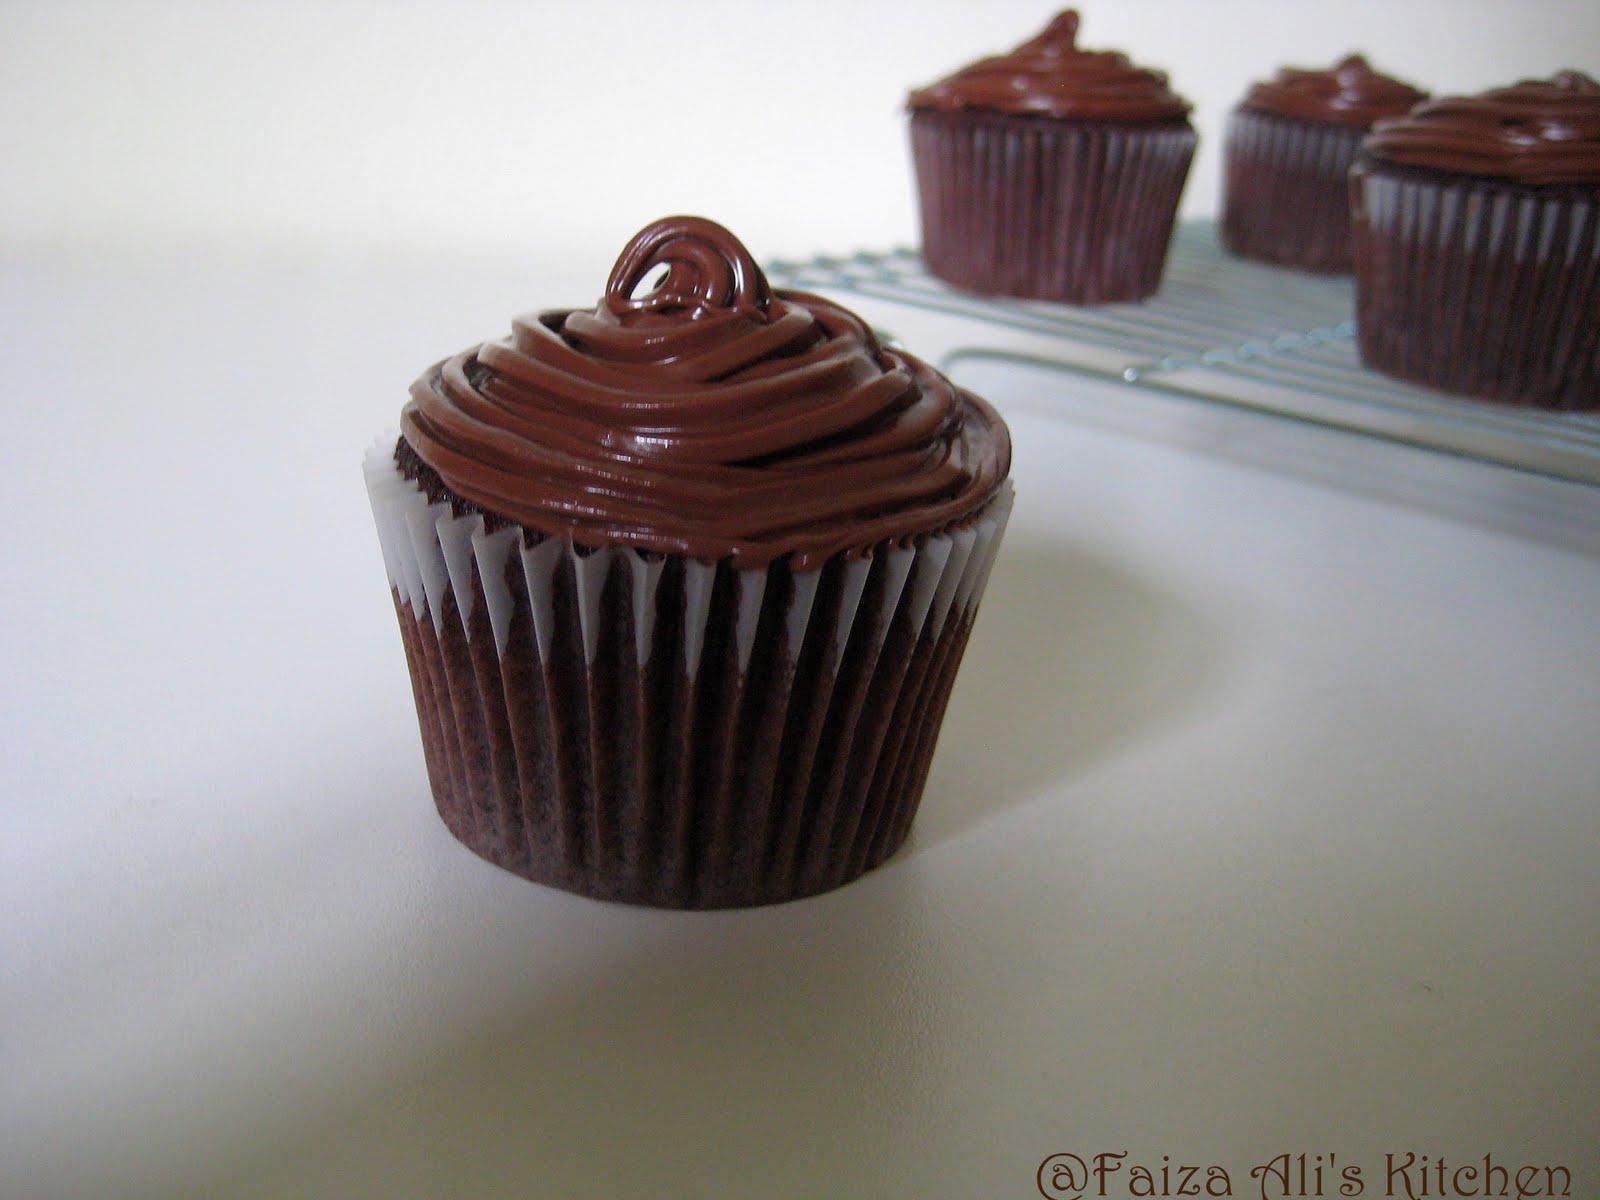 Faiza Ali's Kitchen: Devil's Food Cupcakes with Vanilla Cream filling